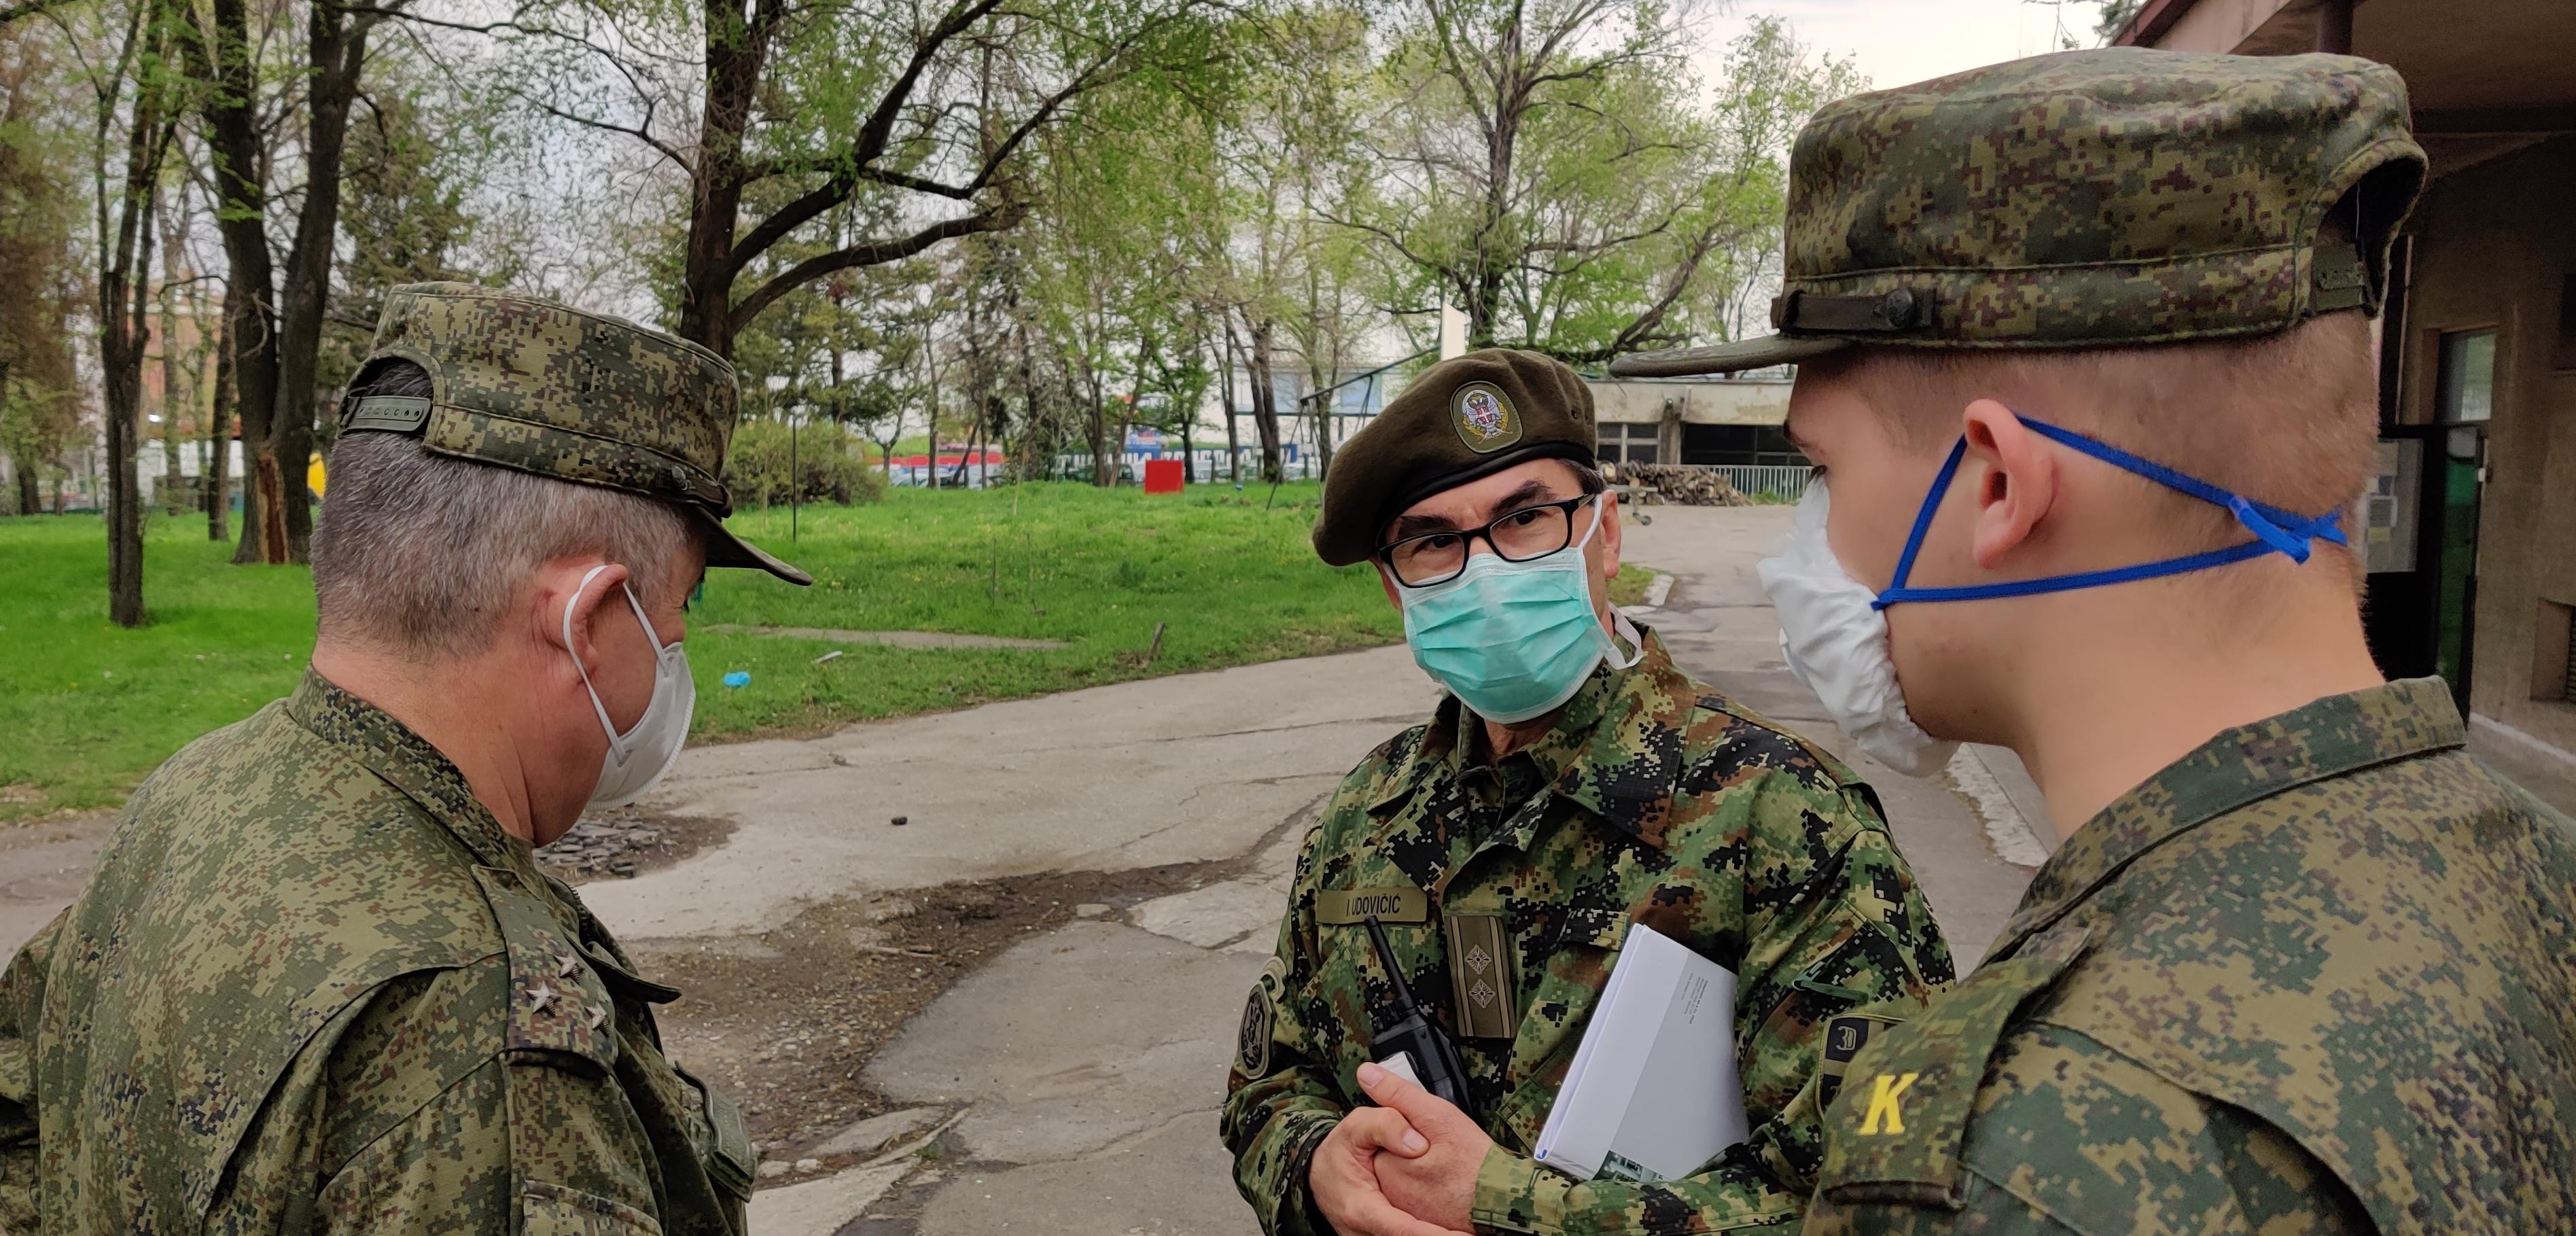 Keddtől enyhítik a korlátozásokat Szerbiában